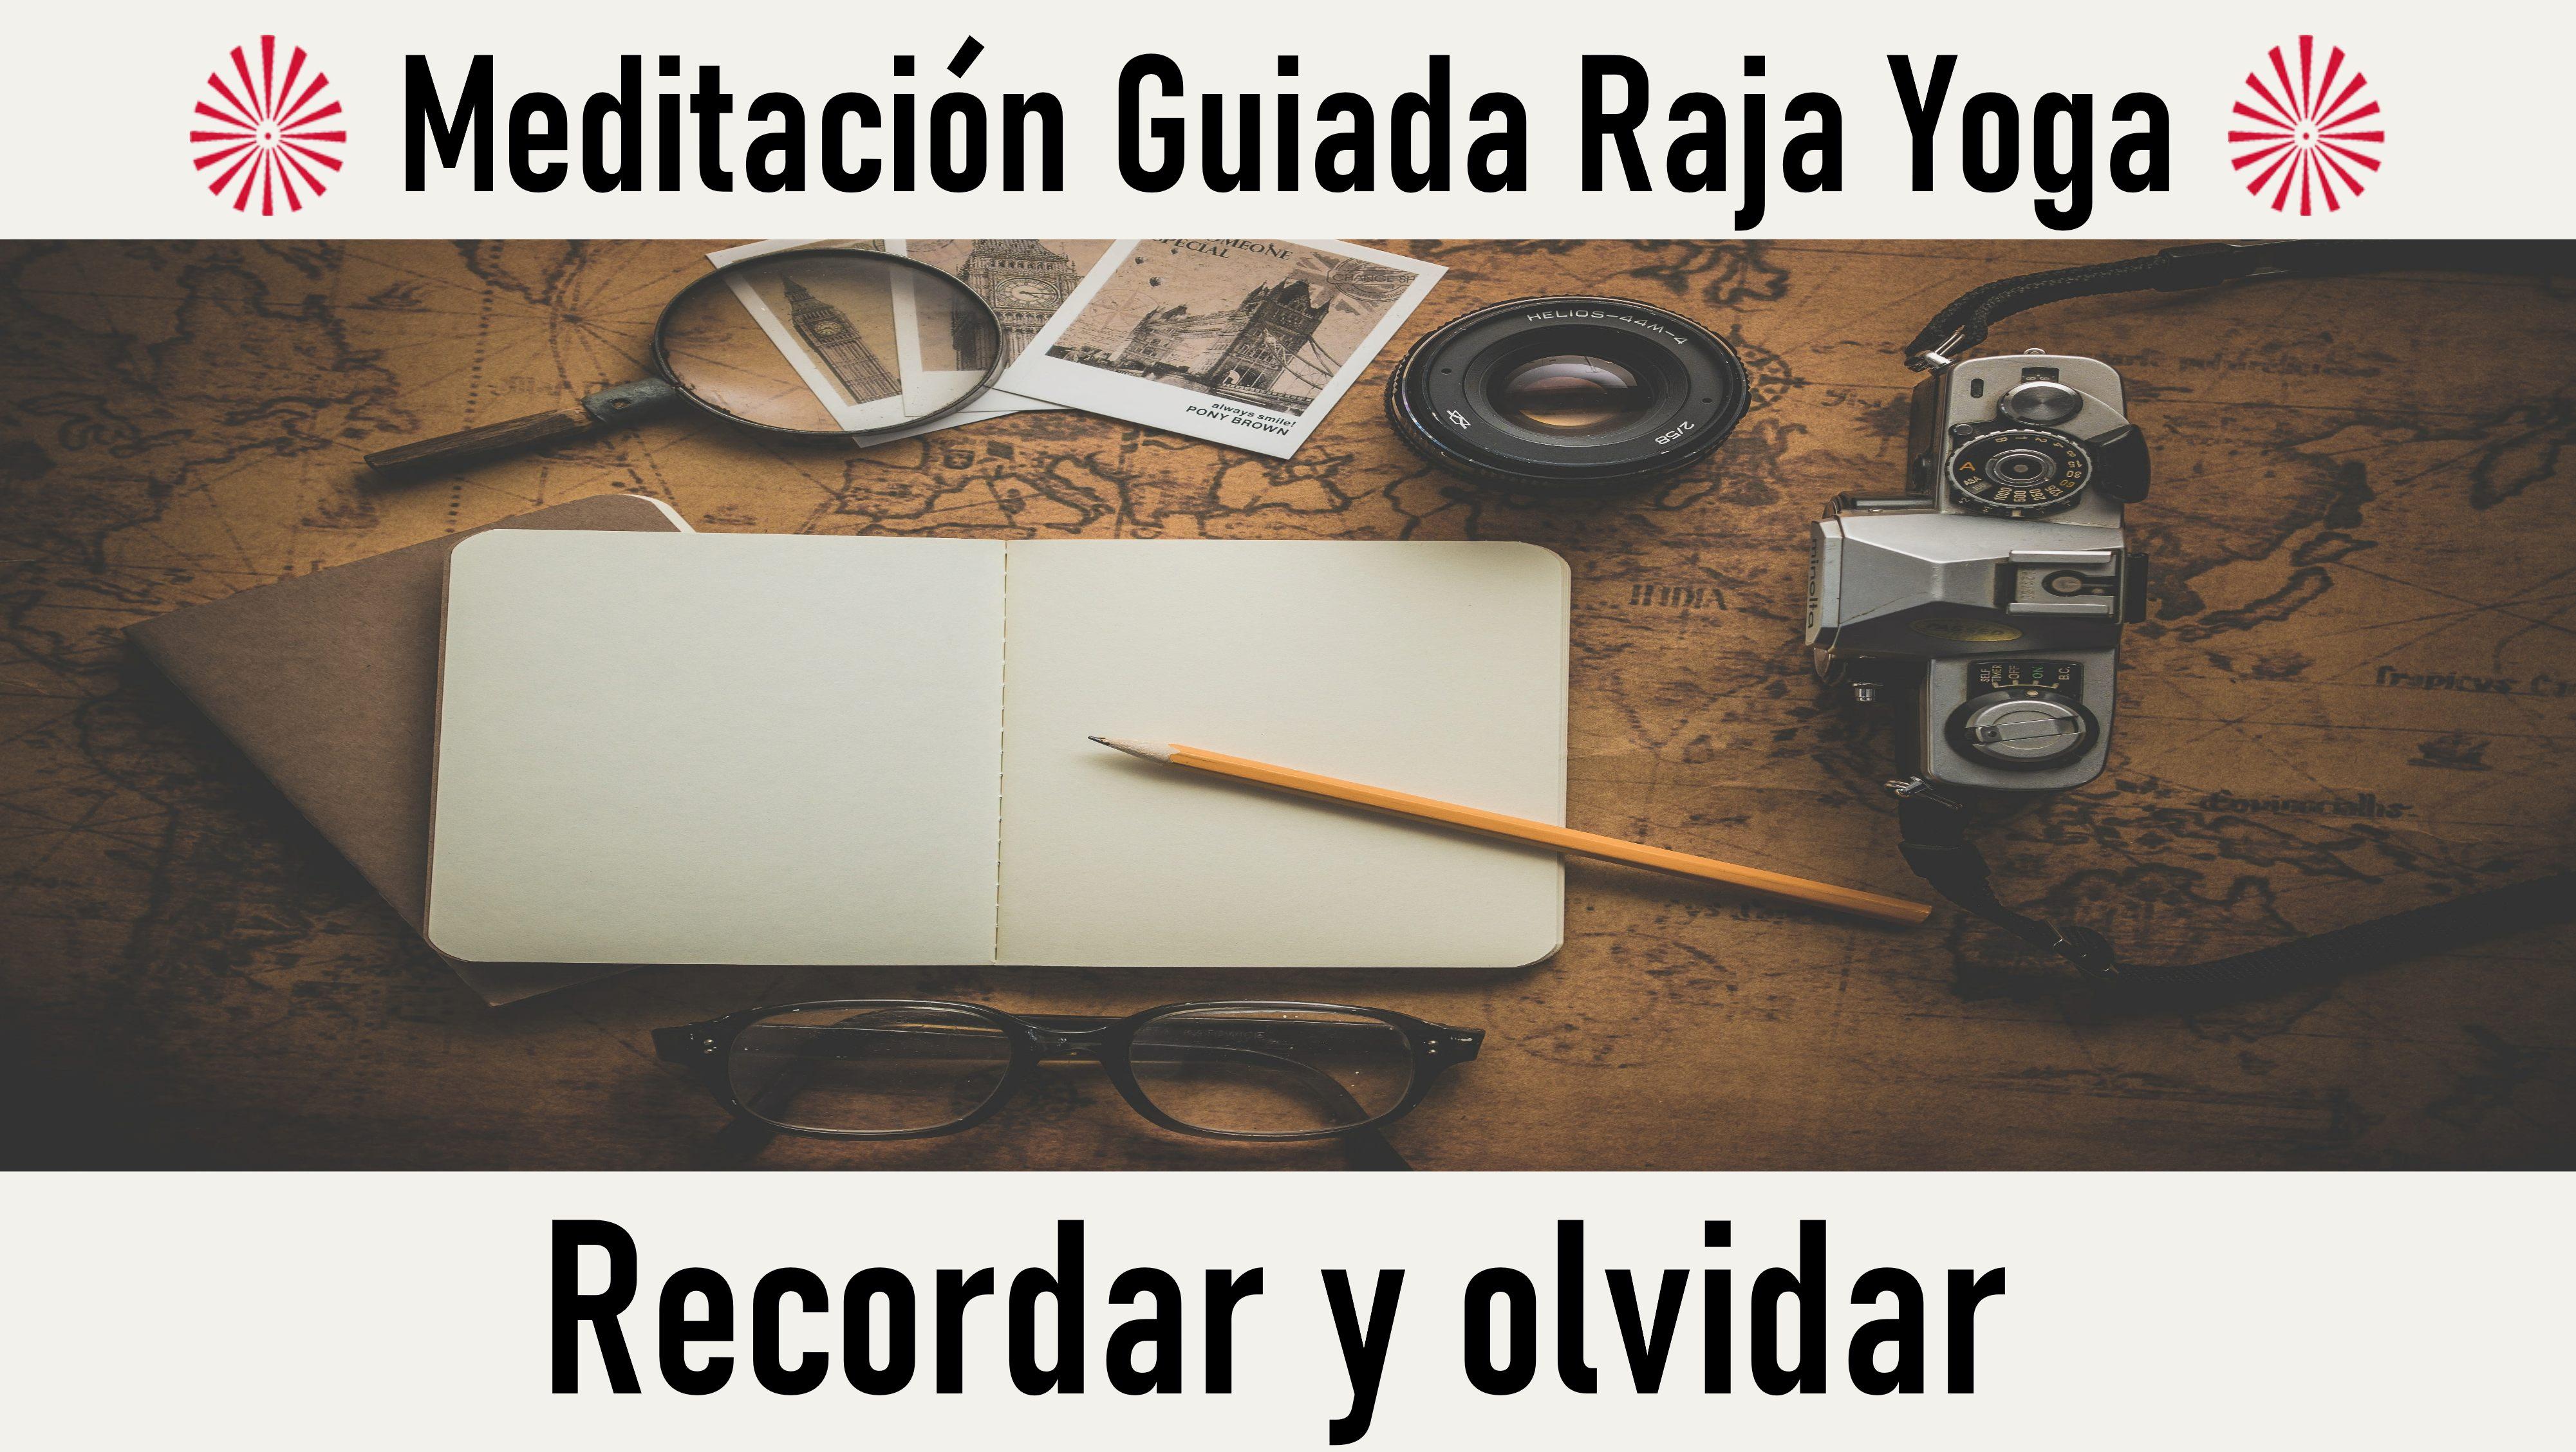 Meditación Raja Yoga: Recordar y olvidar (18 Septiembre 2020) On-line desde Madrid